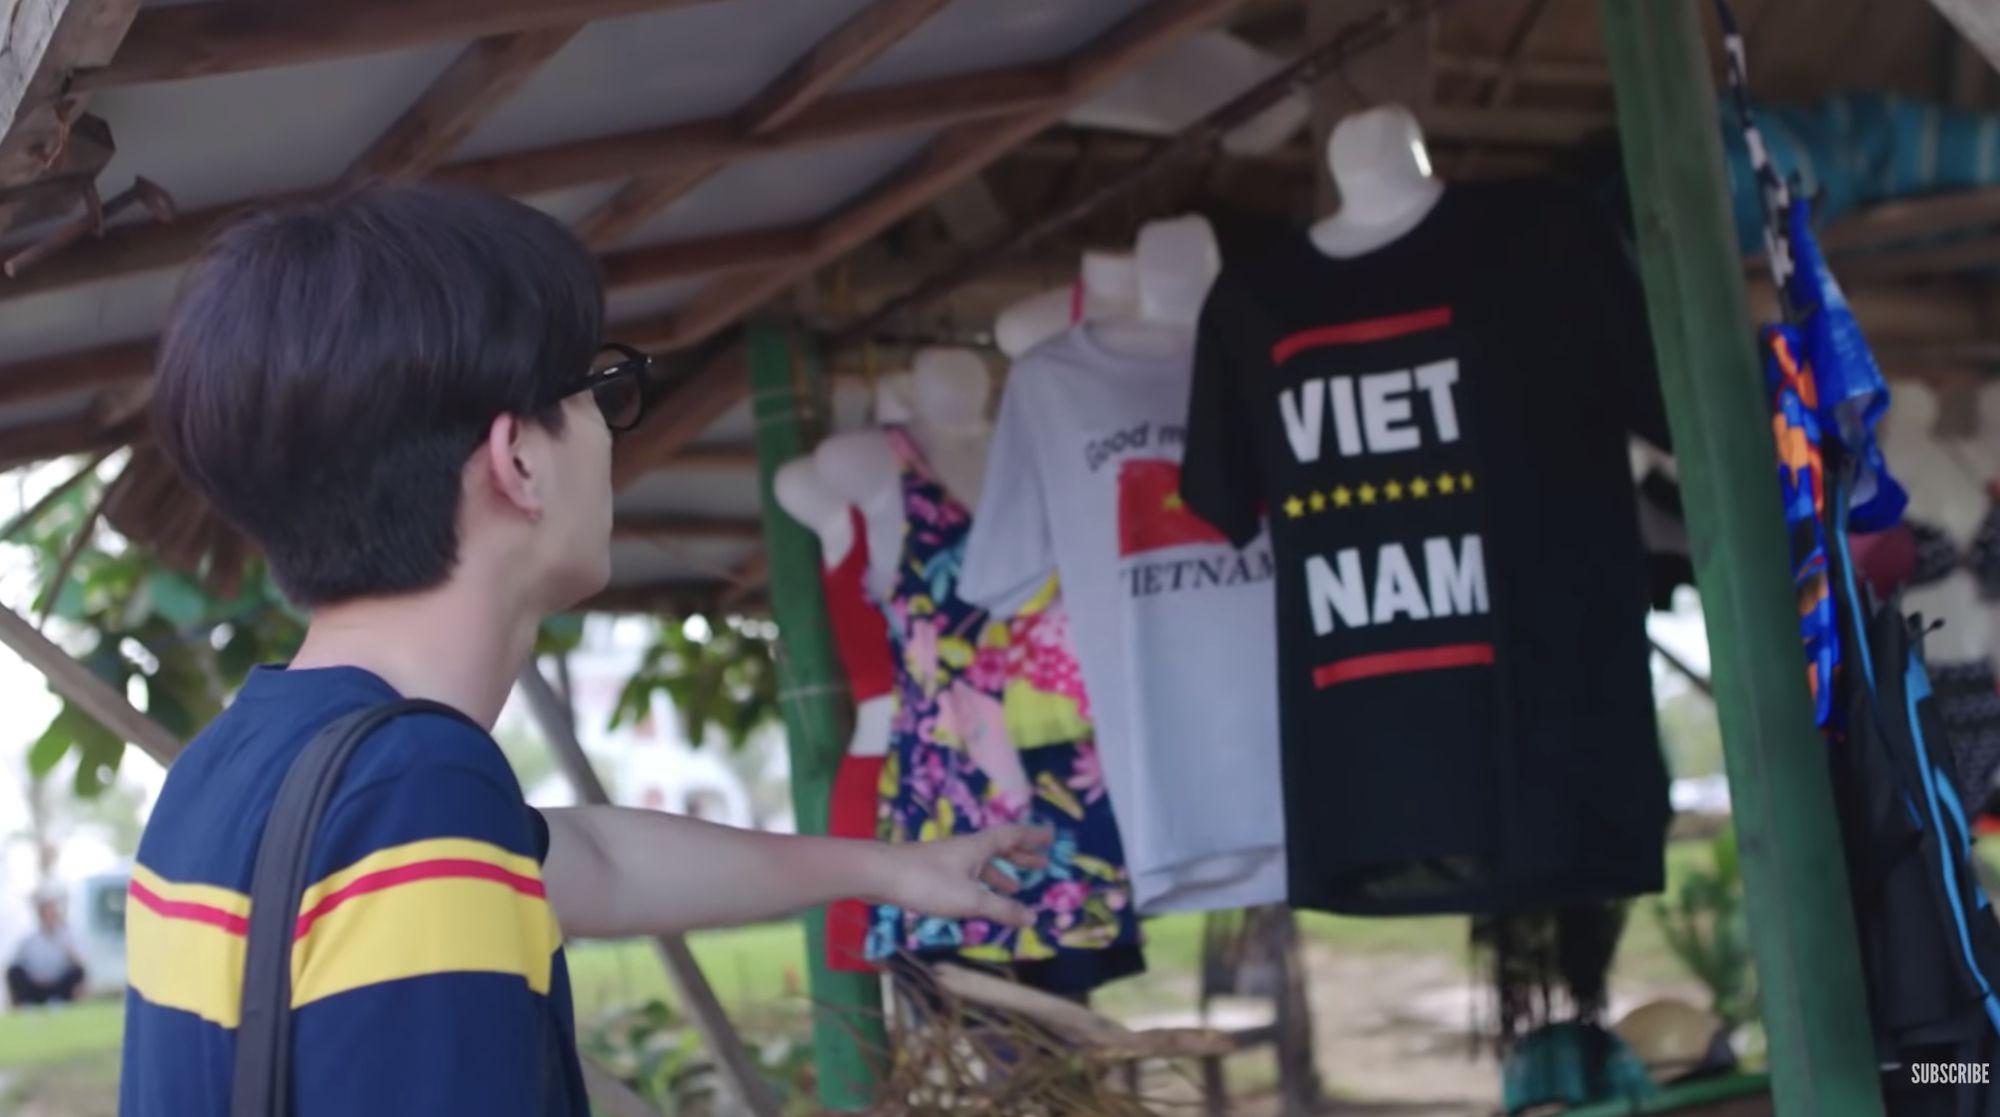 Ngắm loạt ảnh Đà Nẵng - Hội An đẹp ngỡ ngàng trong phim Wolf Thái Lan (5)